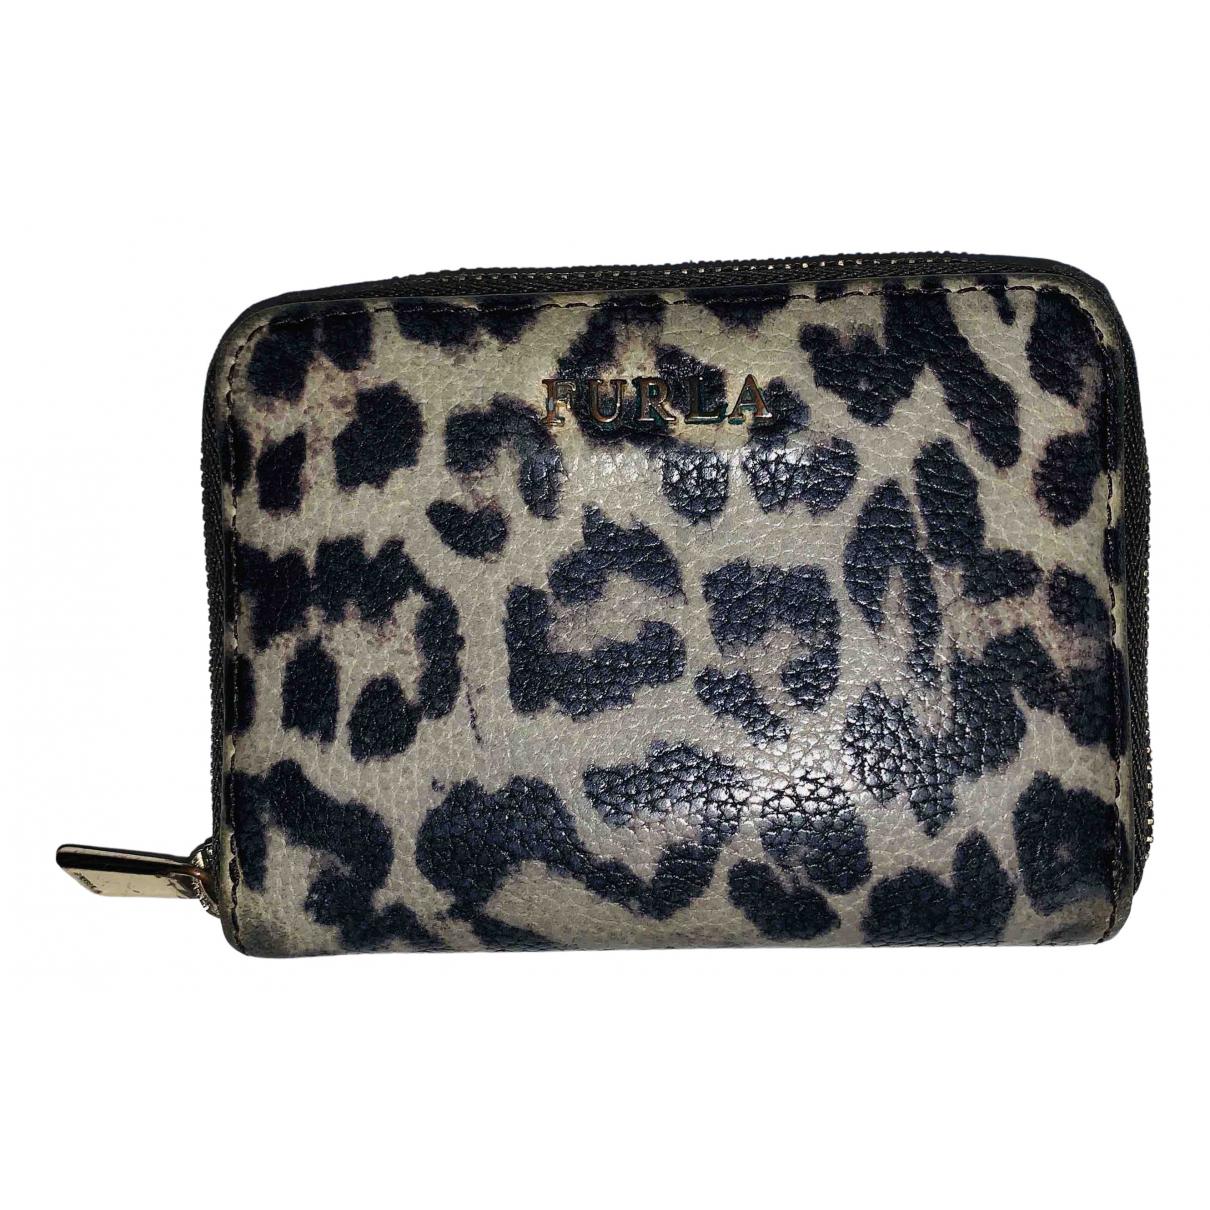 Furla \N Leather wallet for Women \N